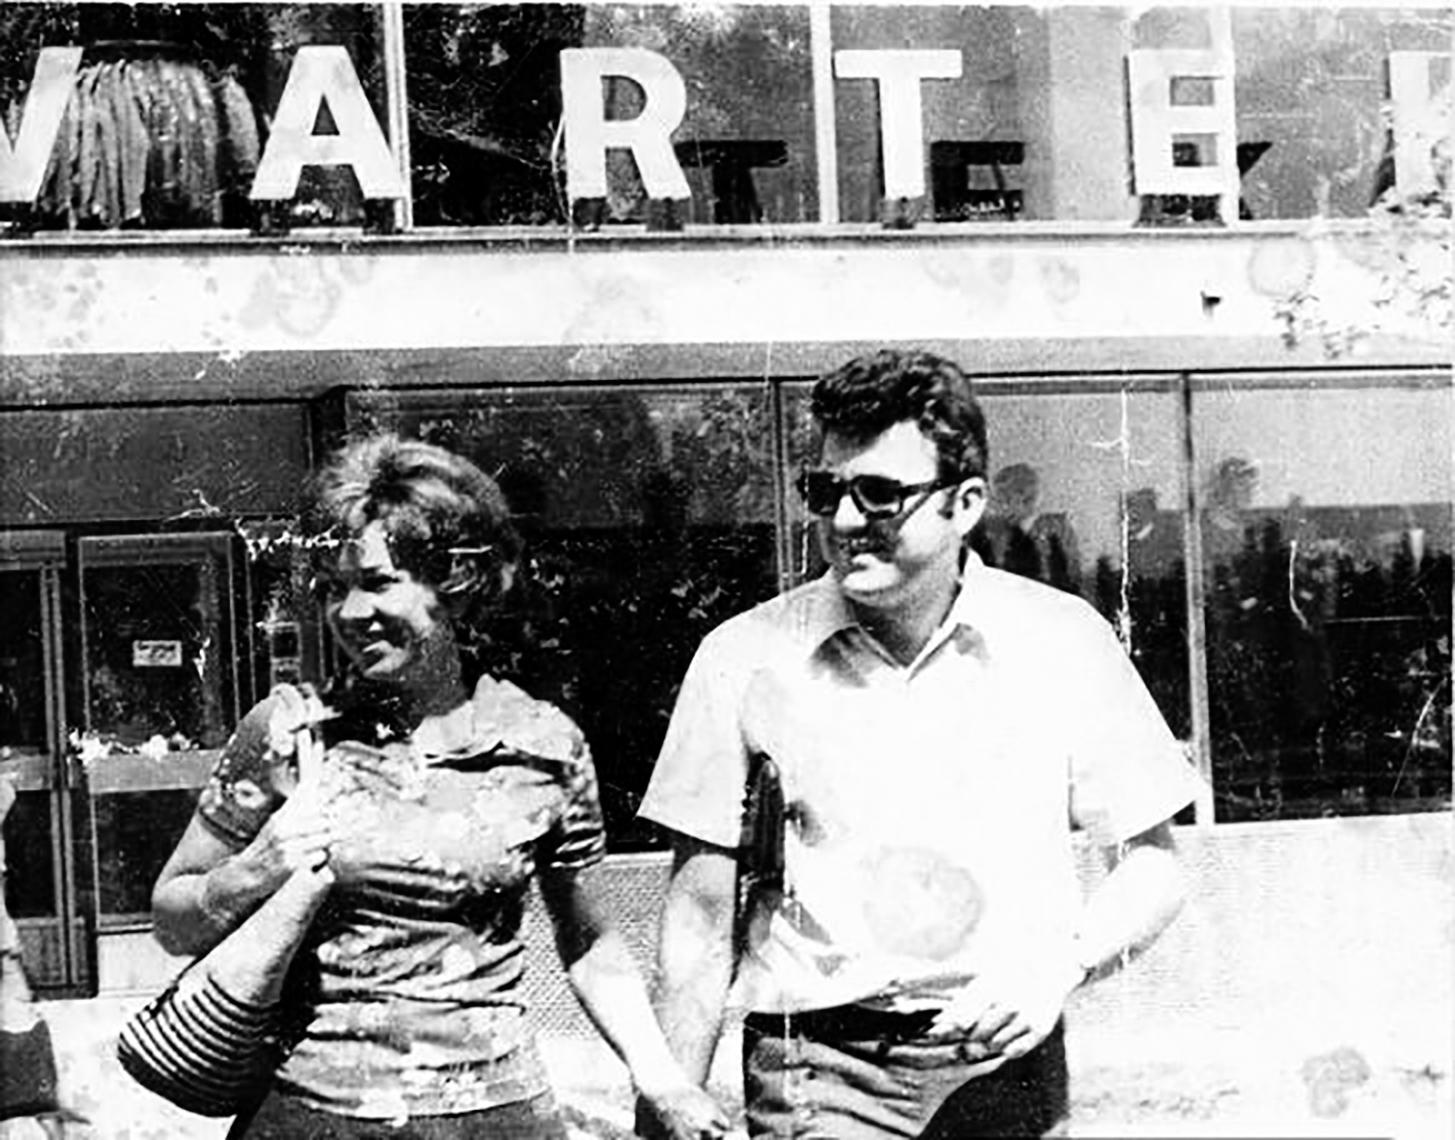 Duki i Damir Ikica ispred Varteksovog dućana u Boru 1978.